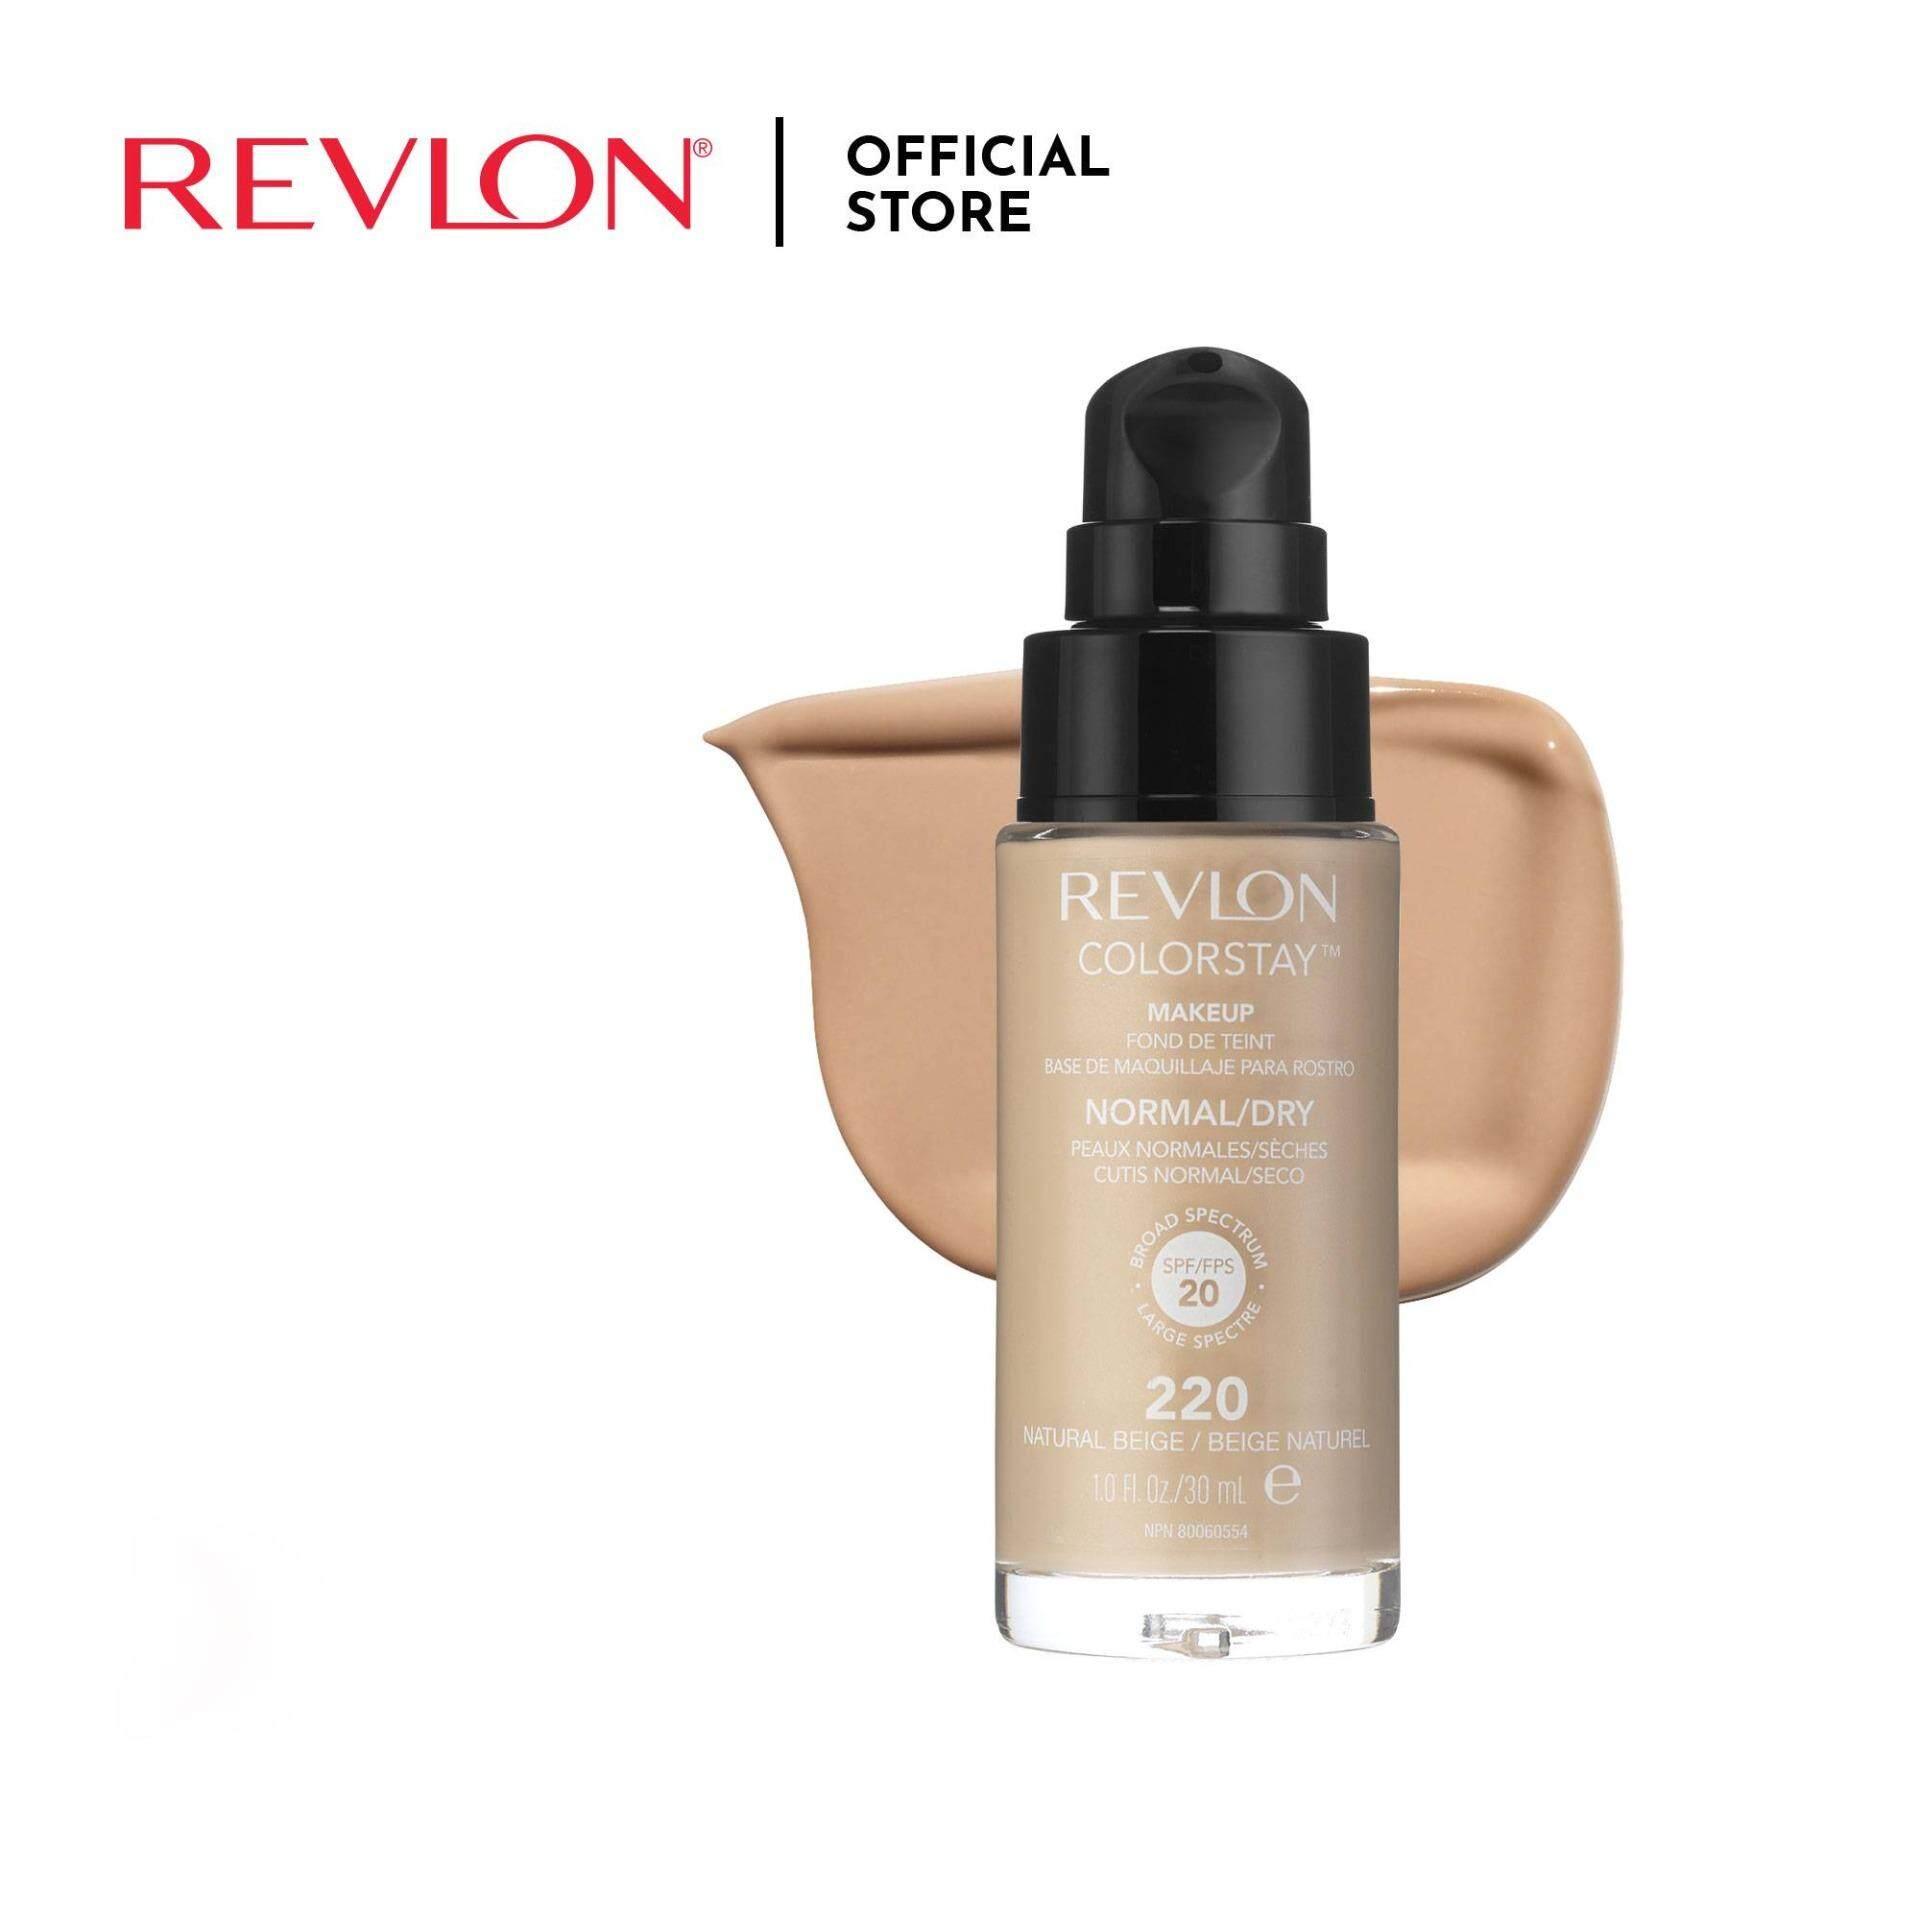 Revlon Colorstay MakeUp Normal / Dry -Natural Beige 220